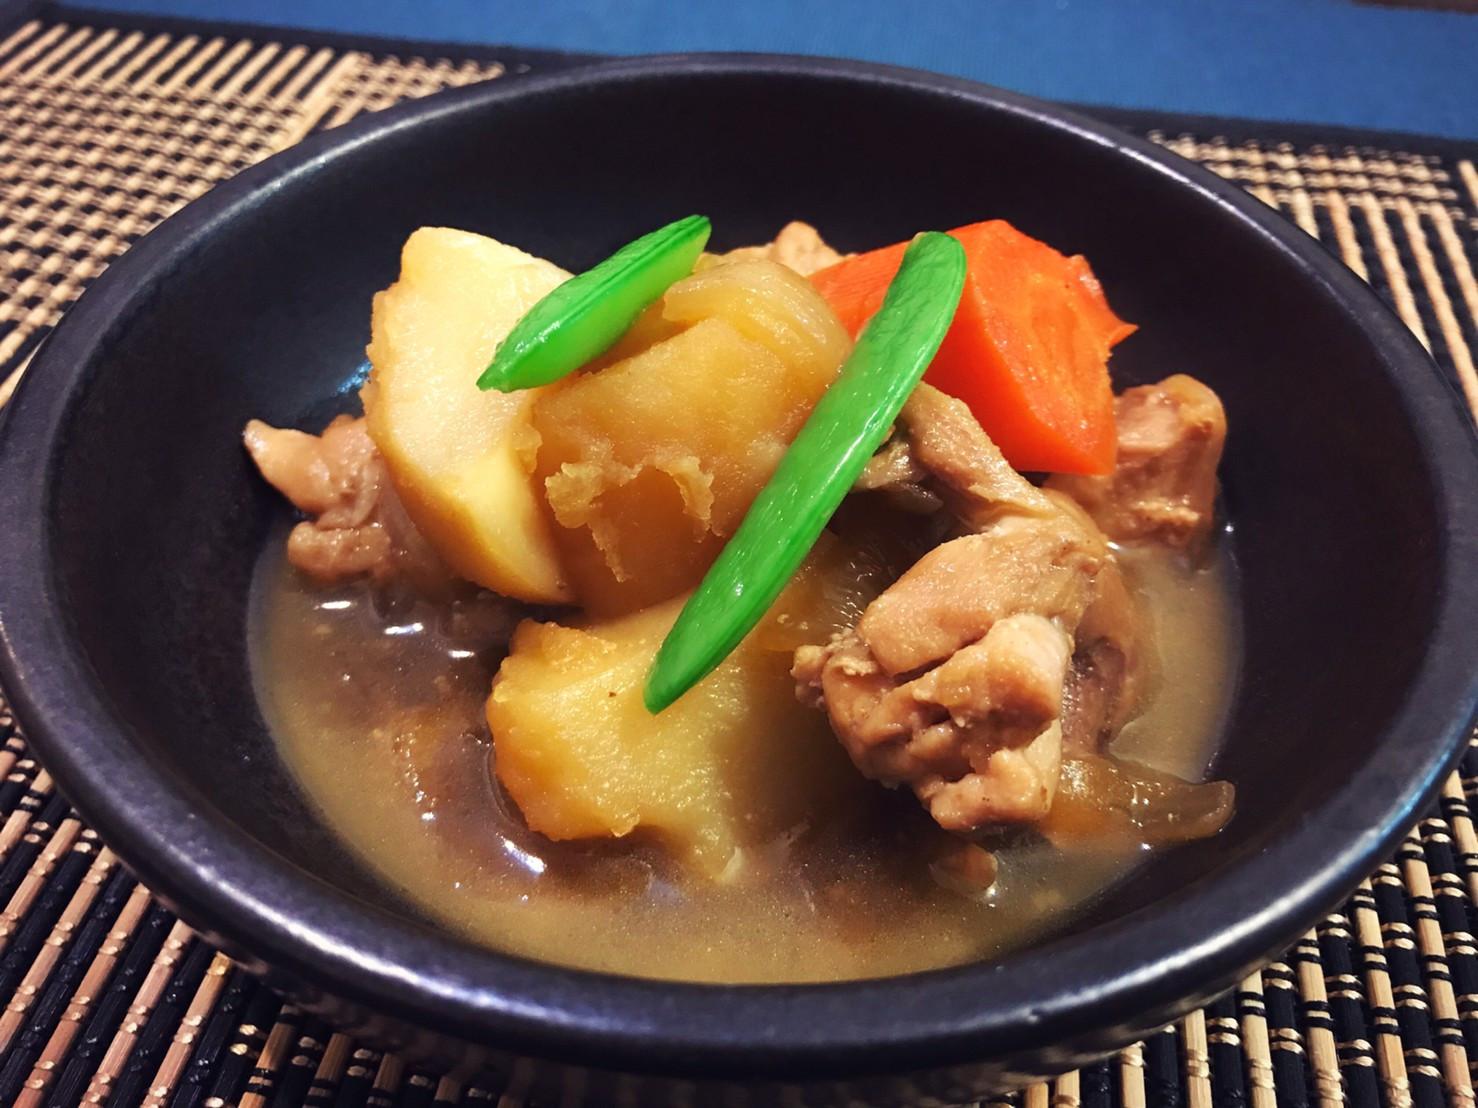 馬鈴薯燉肉 (雞肉) Nikujaga